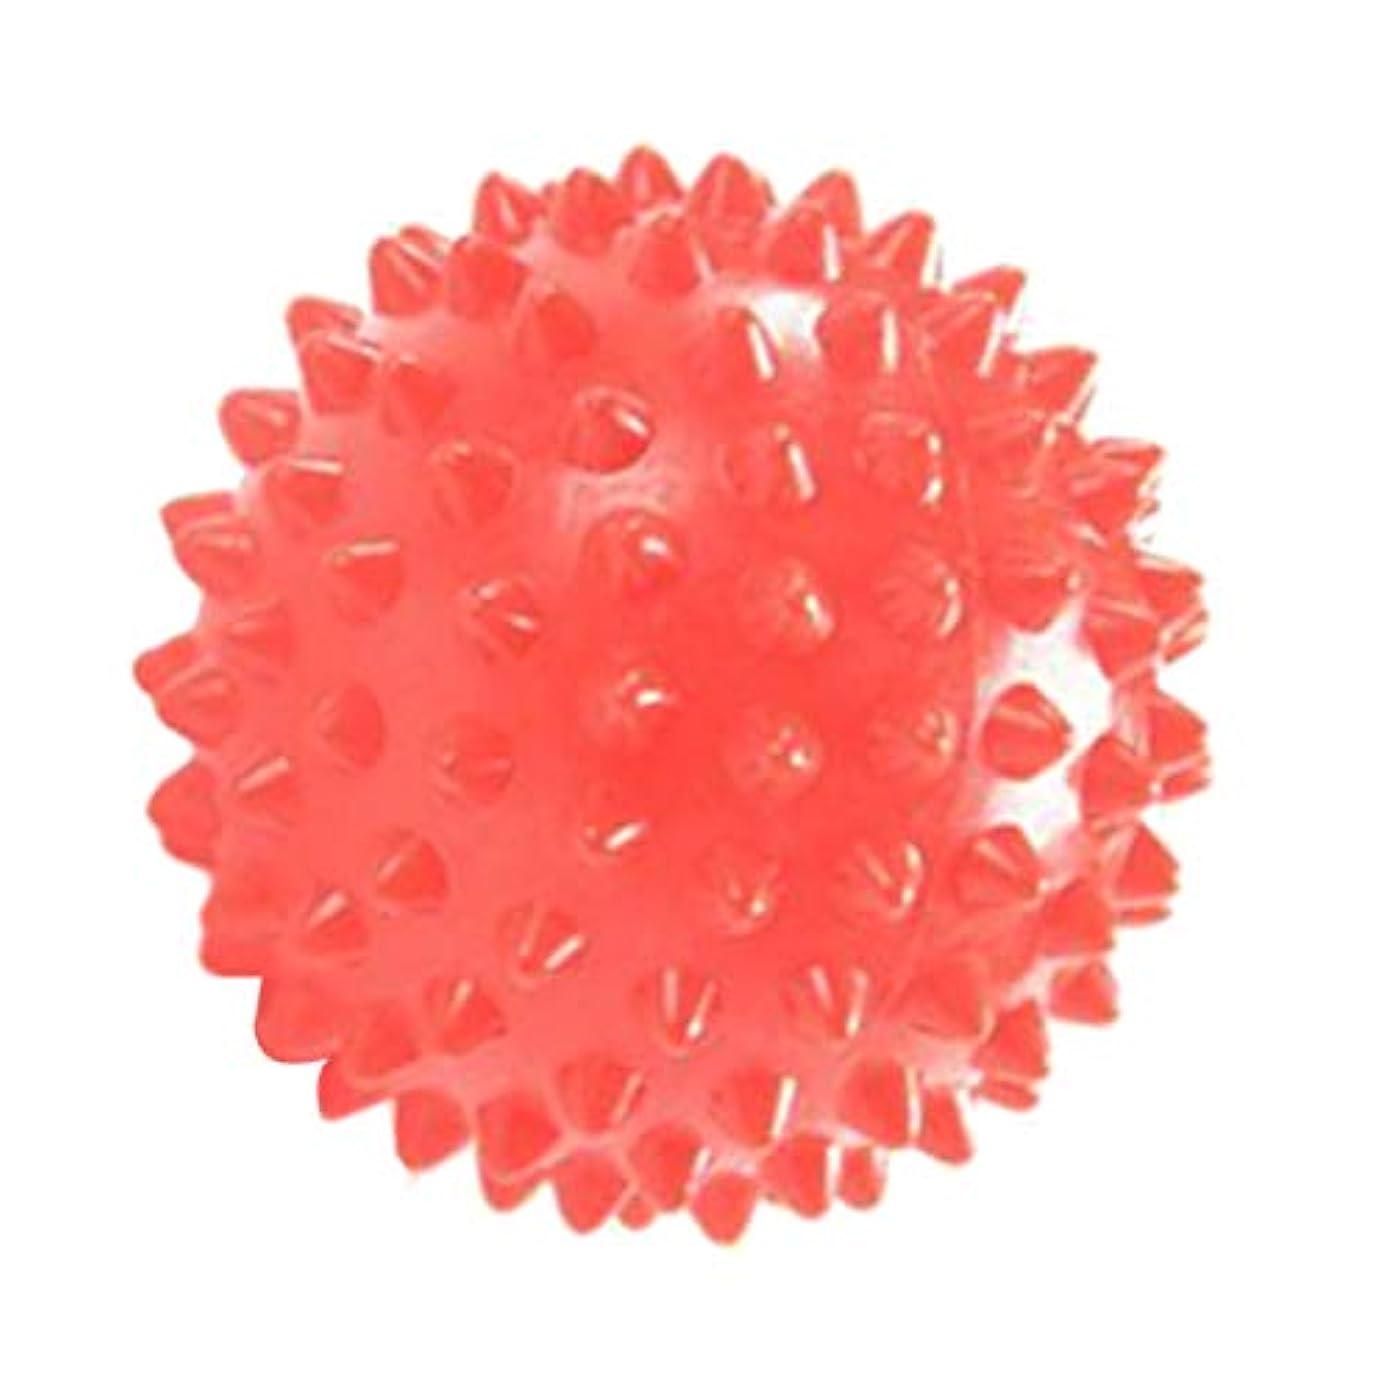 筋可能起業家dailymall マッサージボール 触覚ボール リフレクションボール 指圧ボール ツボ押し 筋膜リリースヨガ 7cm